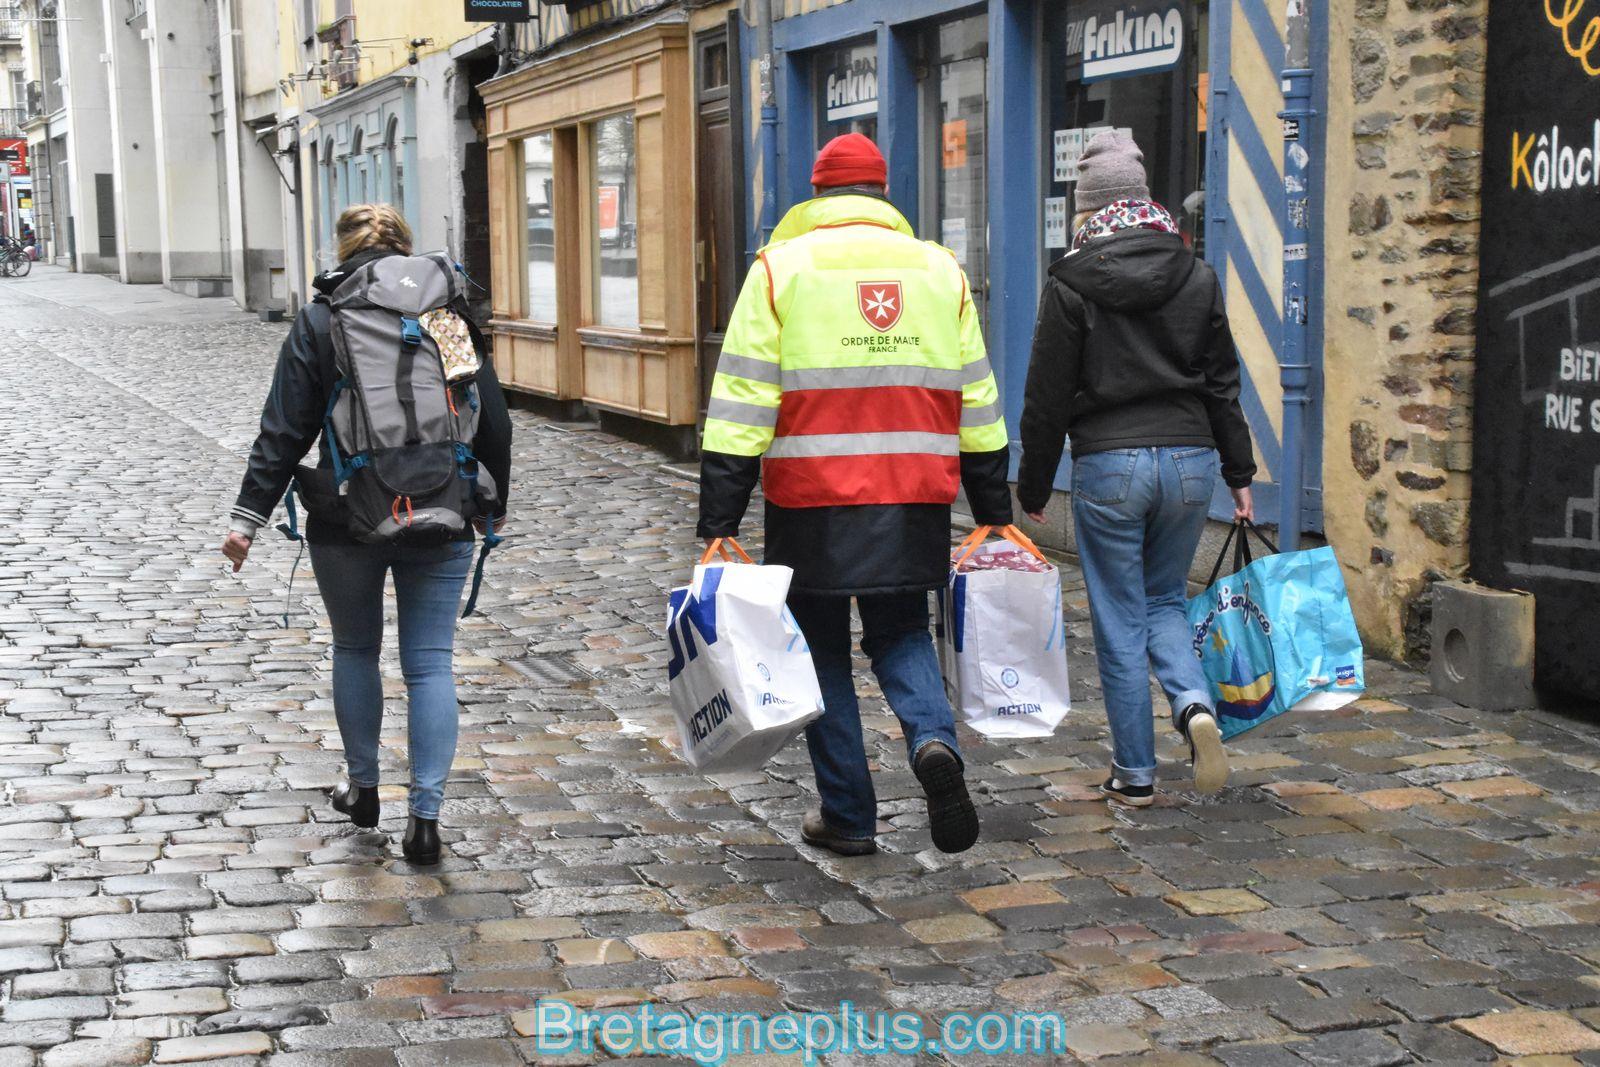 Distribution Rennaise des paquets cadeaux et boites de Noël solidaires pour les sans-abri